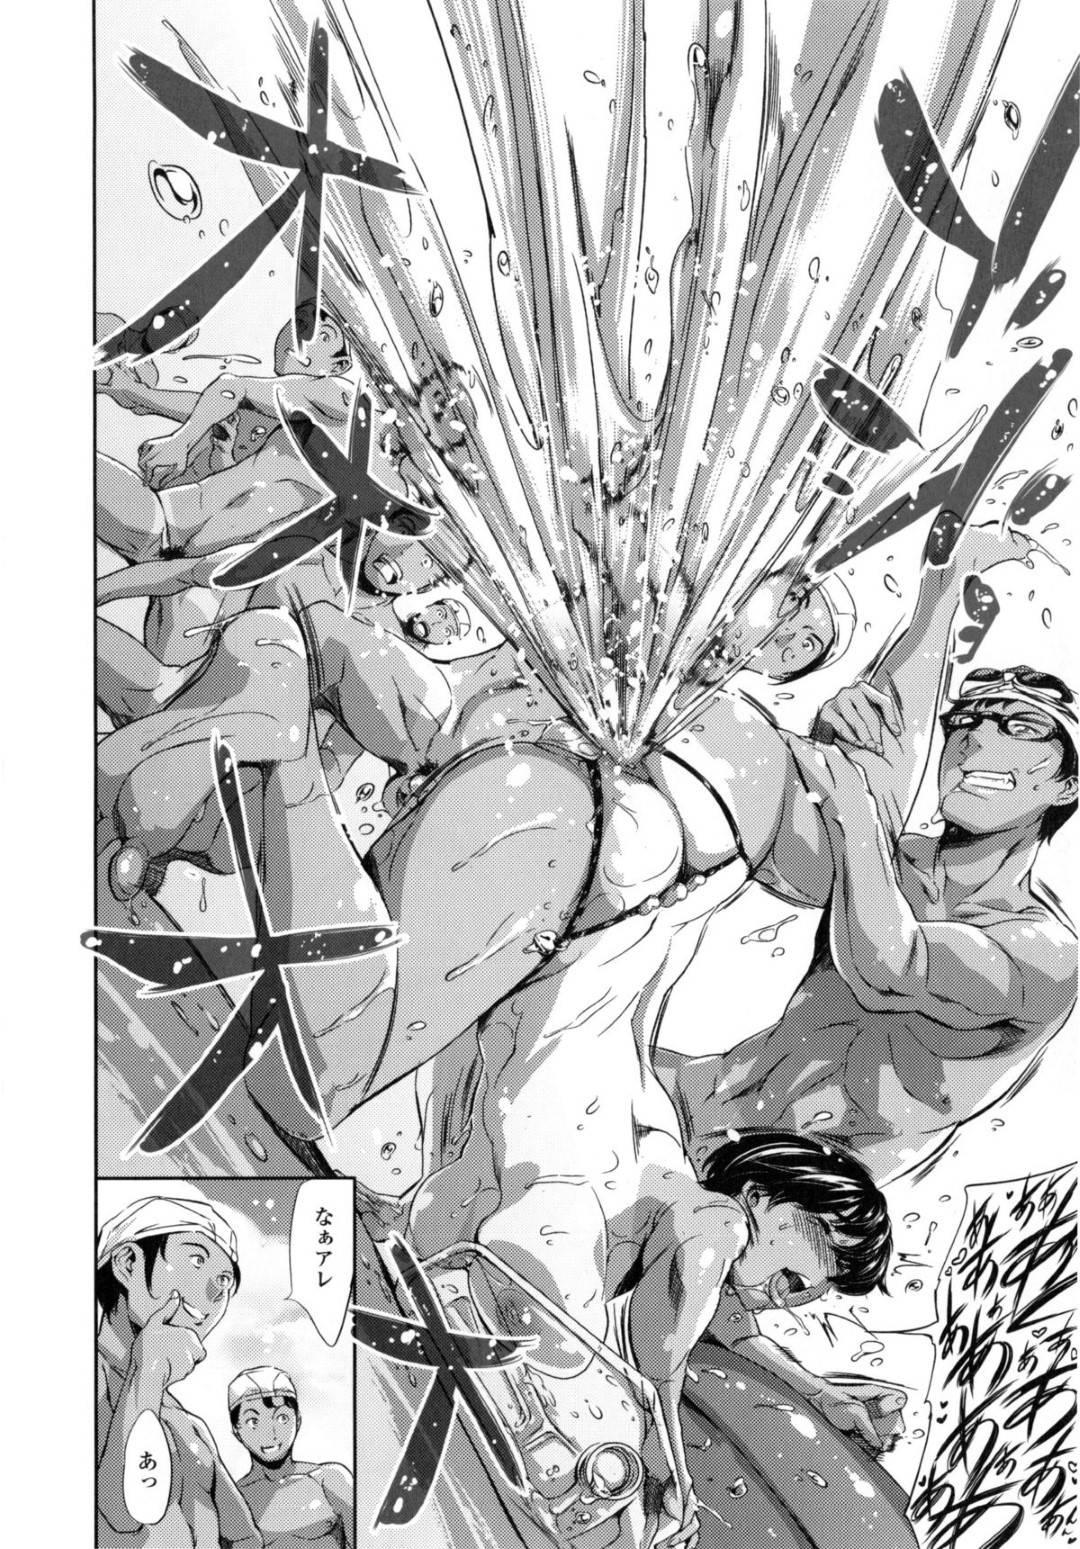 【エロ漫画】後輩男子たちに襲われてしまった褐色巨乳JK…抵抗できないようにされてしまった彼女はされるがままに膣やアナルを犯される集団レイプを受ける!【まぐろ帝國:高橋ひろみ アノ日編】